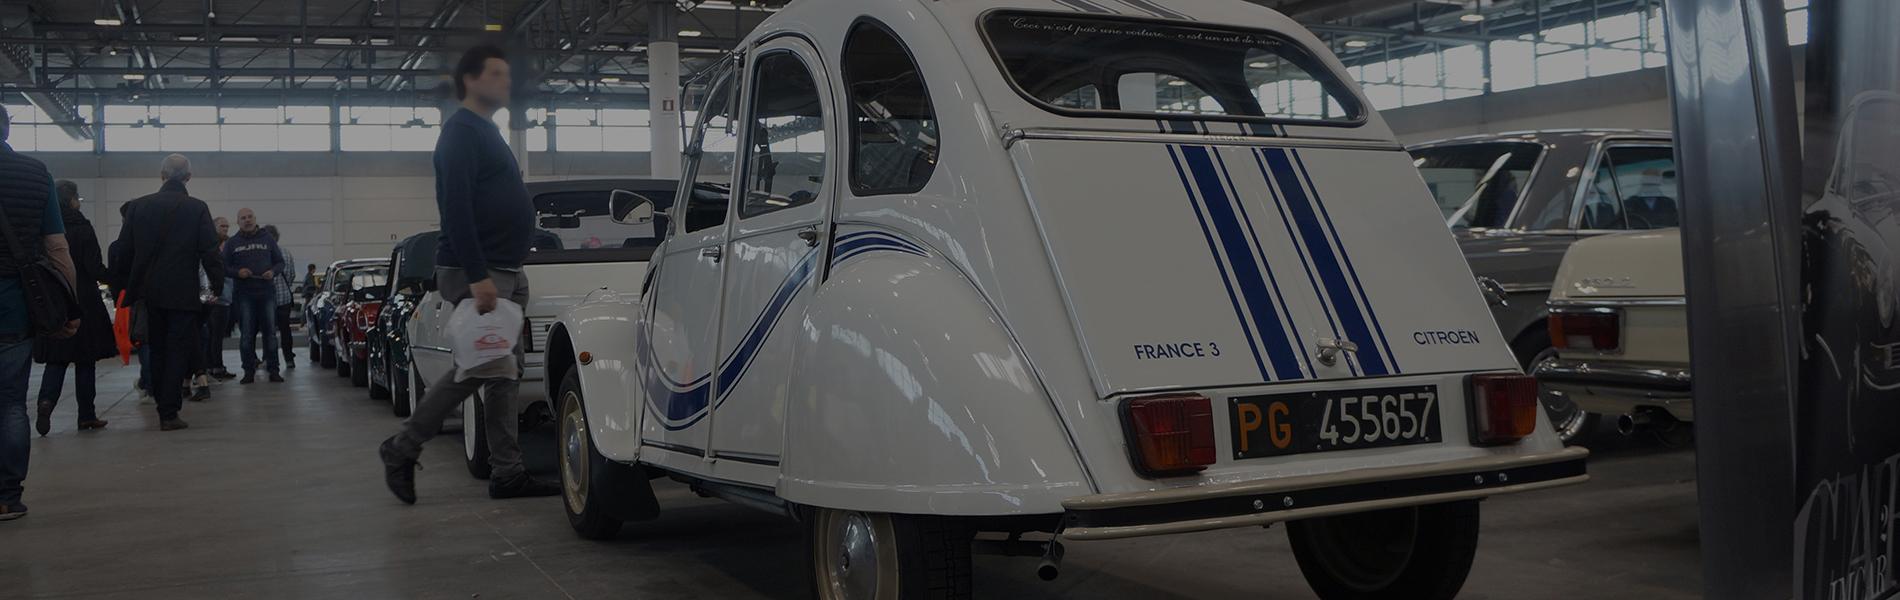 Citroen 2CV - France 3 - Copertina